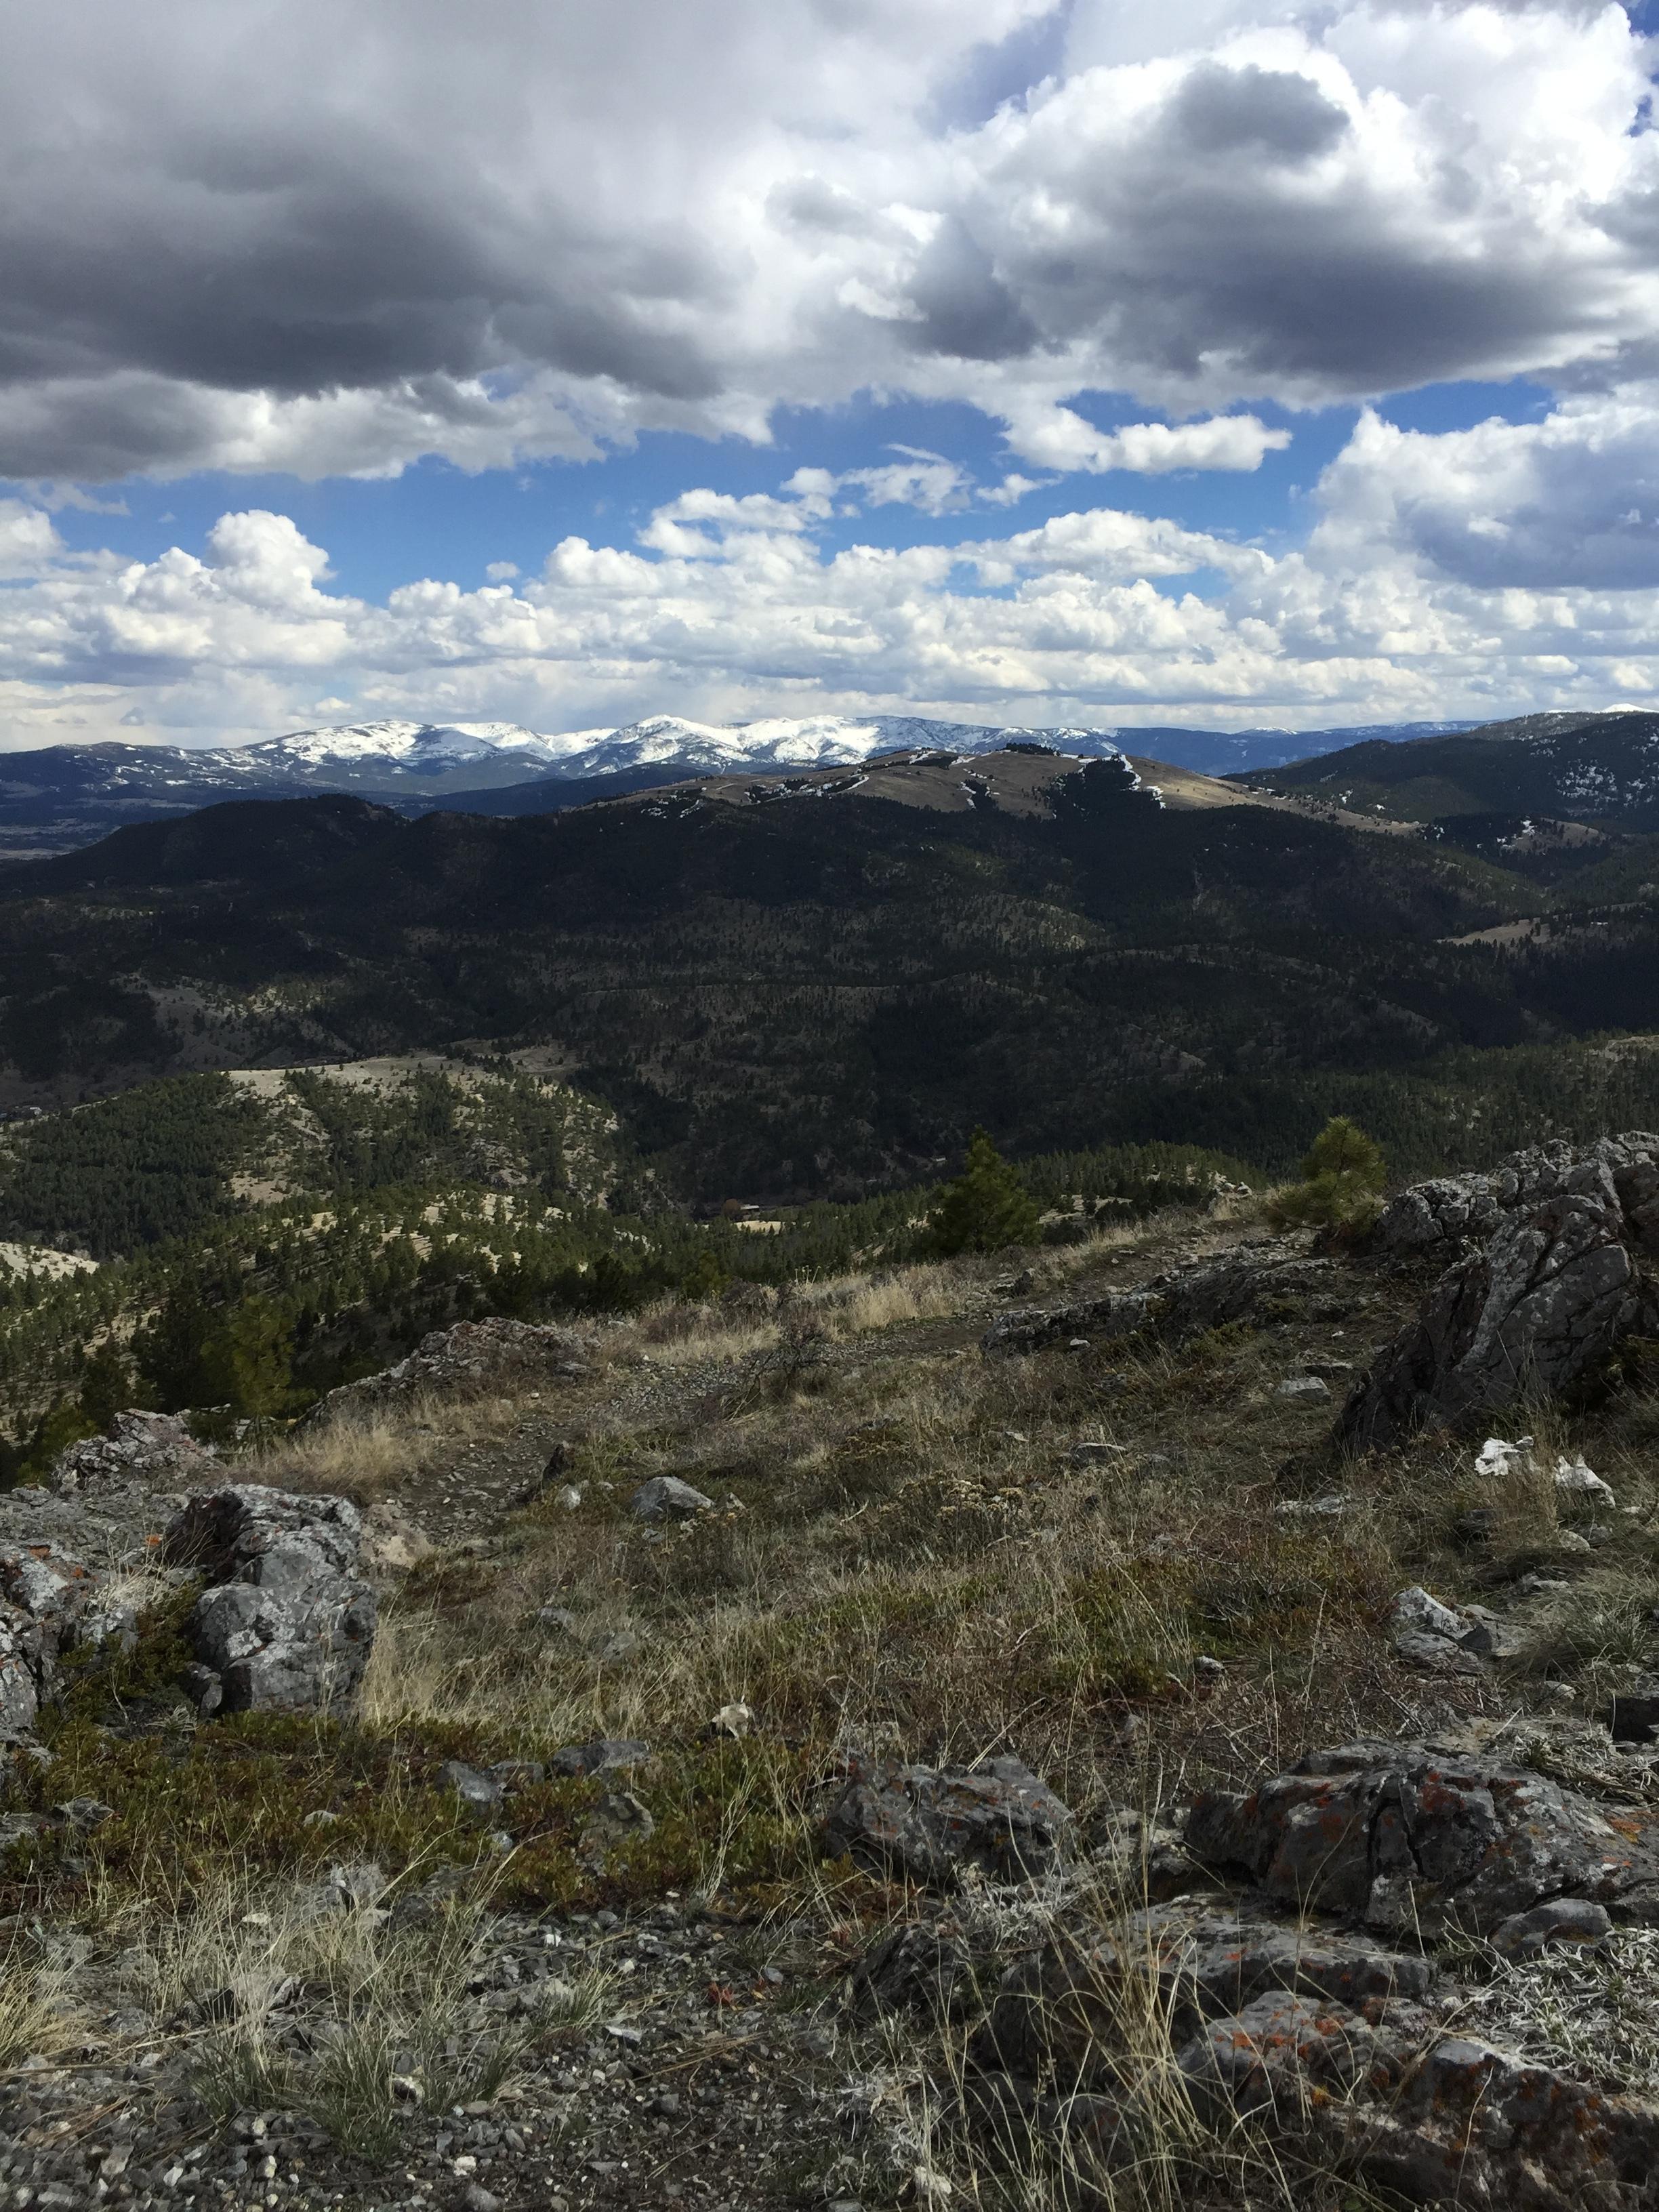 Mt. Helena Summit, April 19, 2019